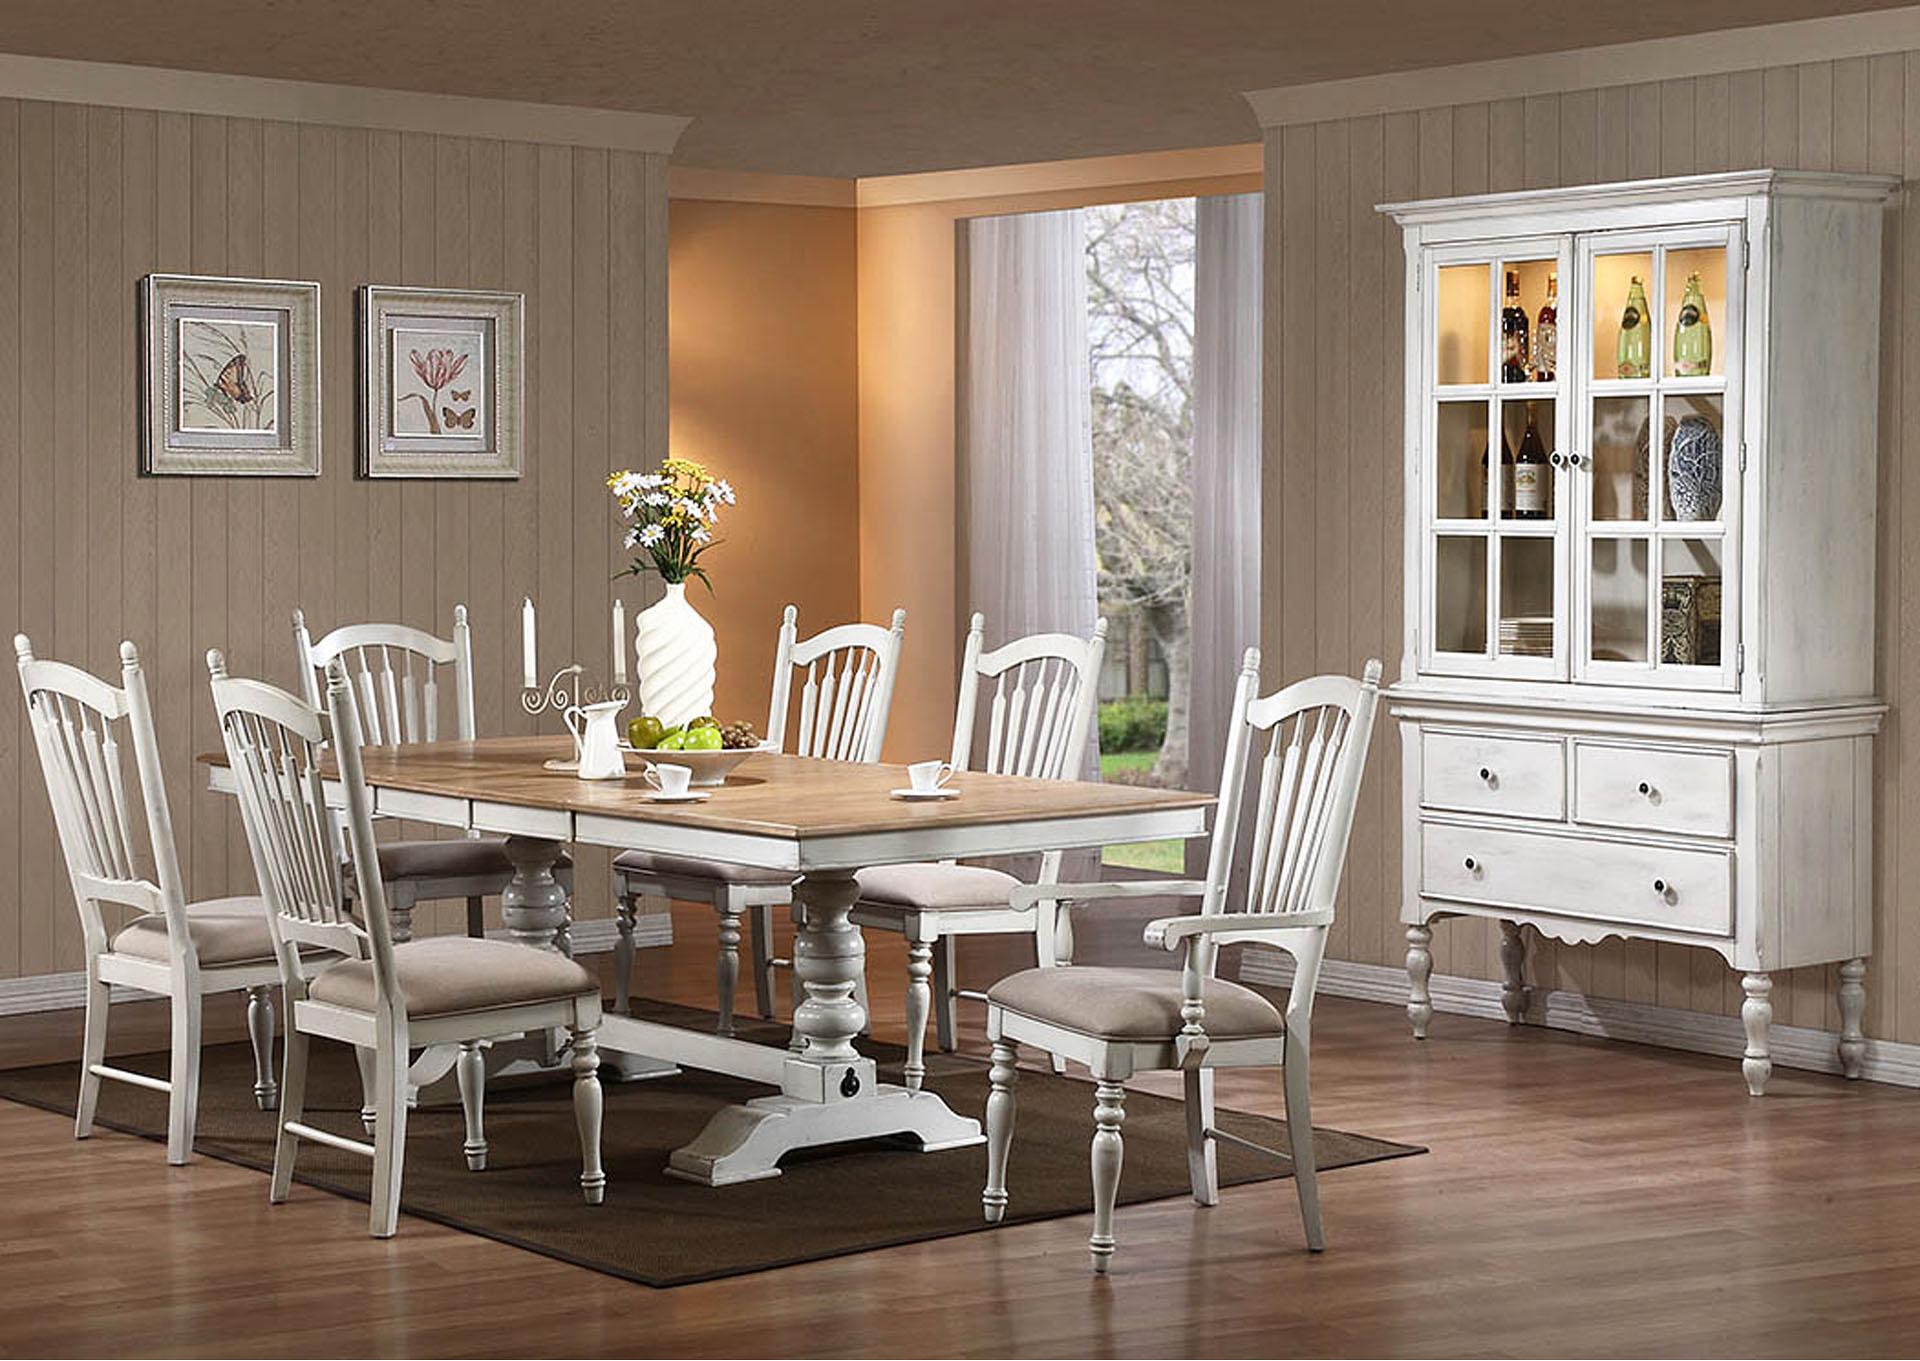 Palace Furniture Hollyhock White Distressed Oak Rectangular